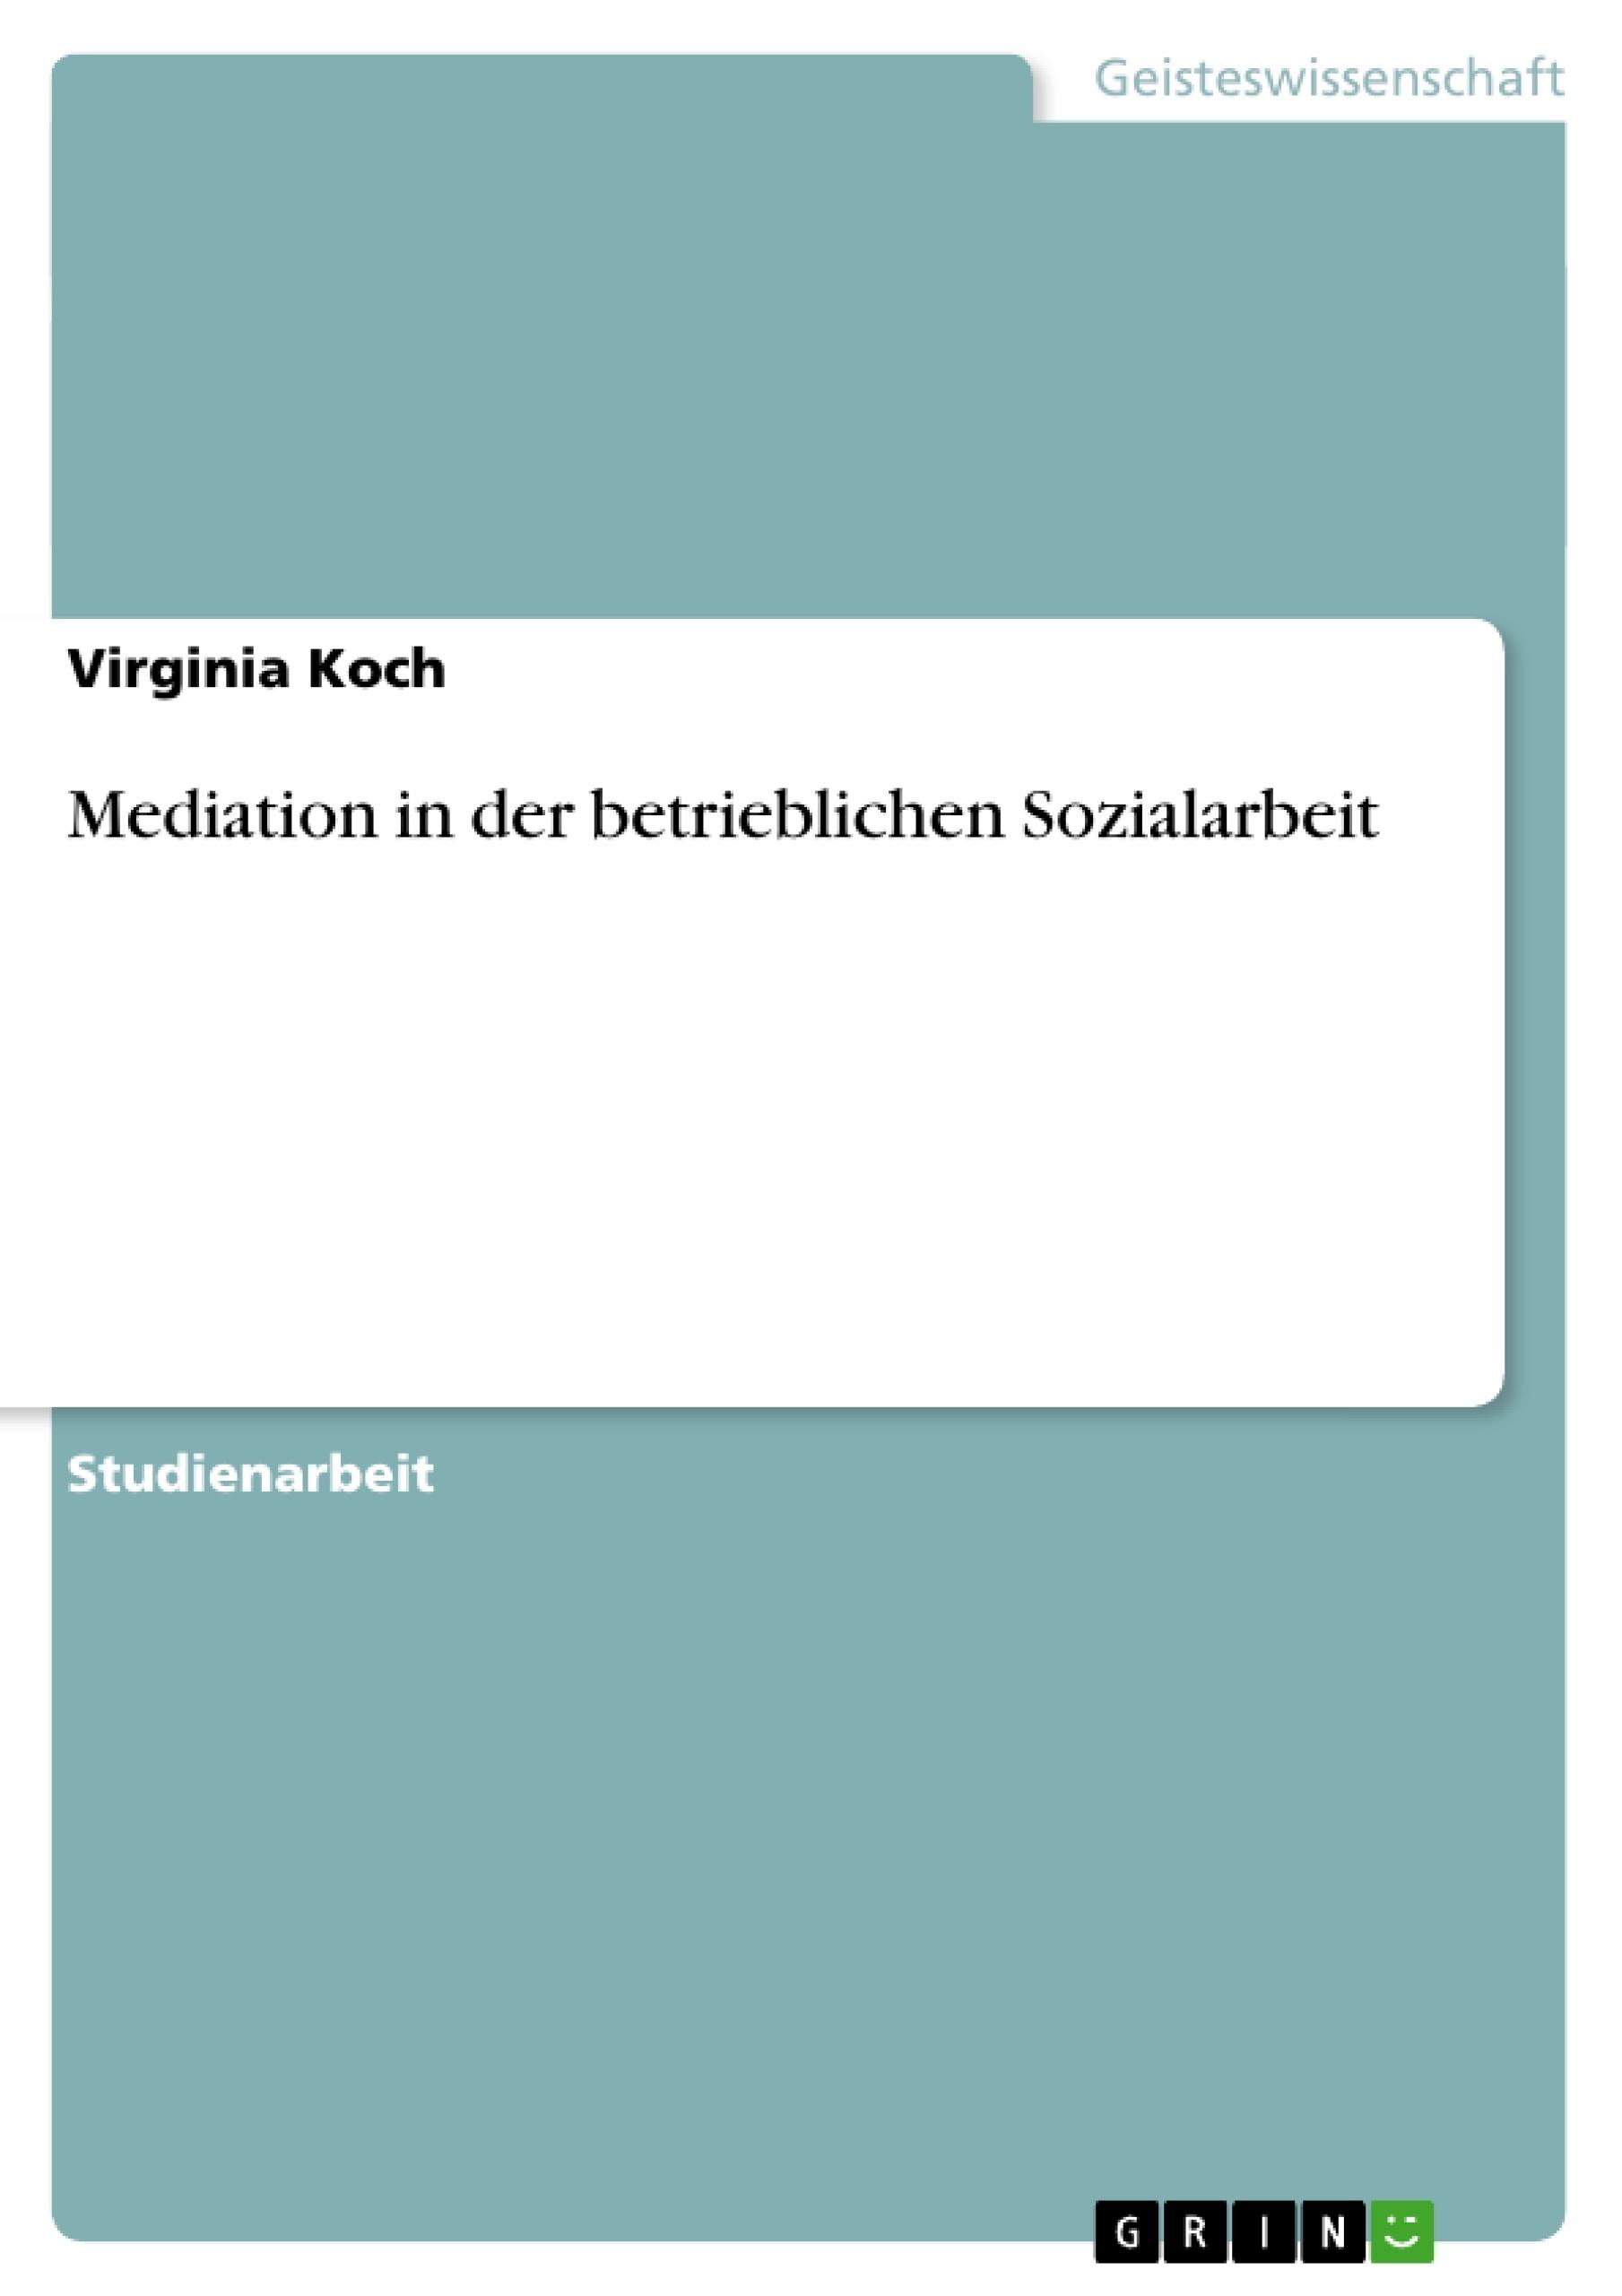 Titel: Mediation in der betrieblichen Sozialarbeit